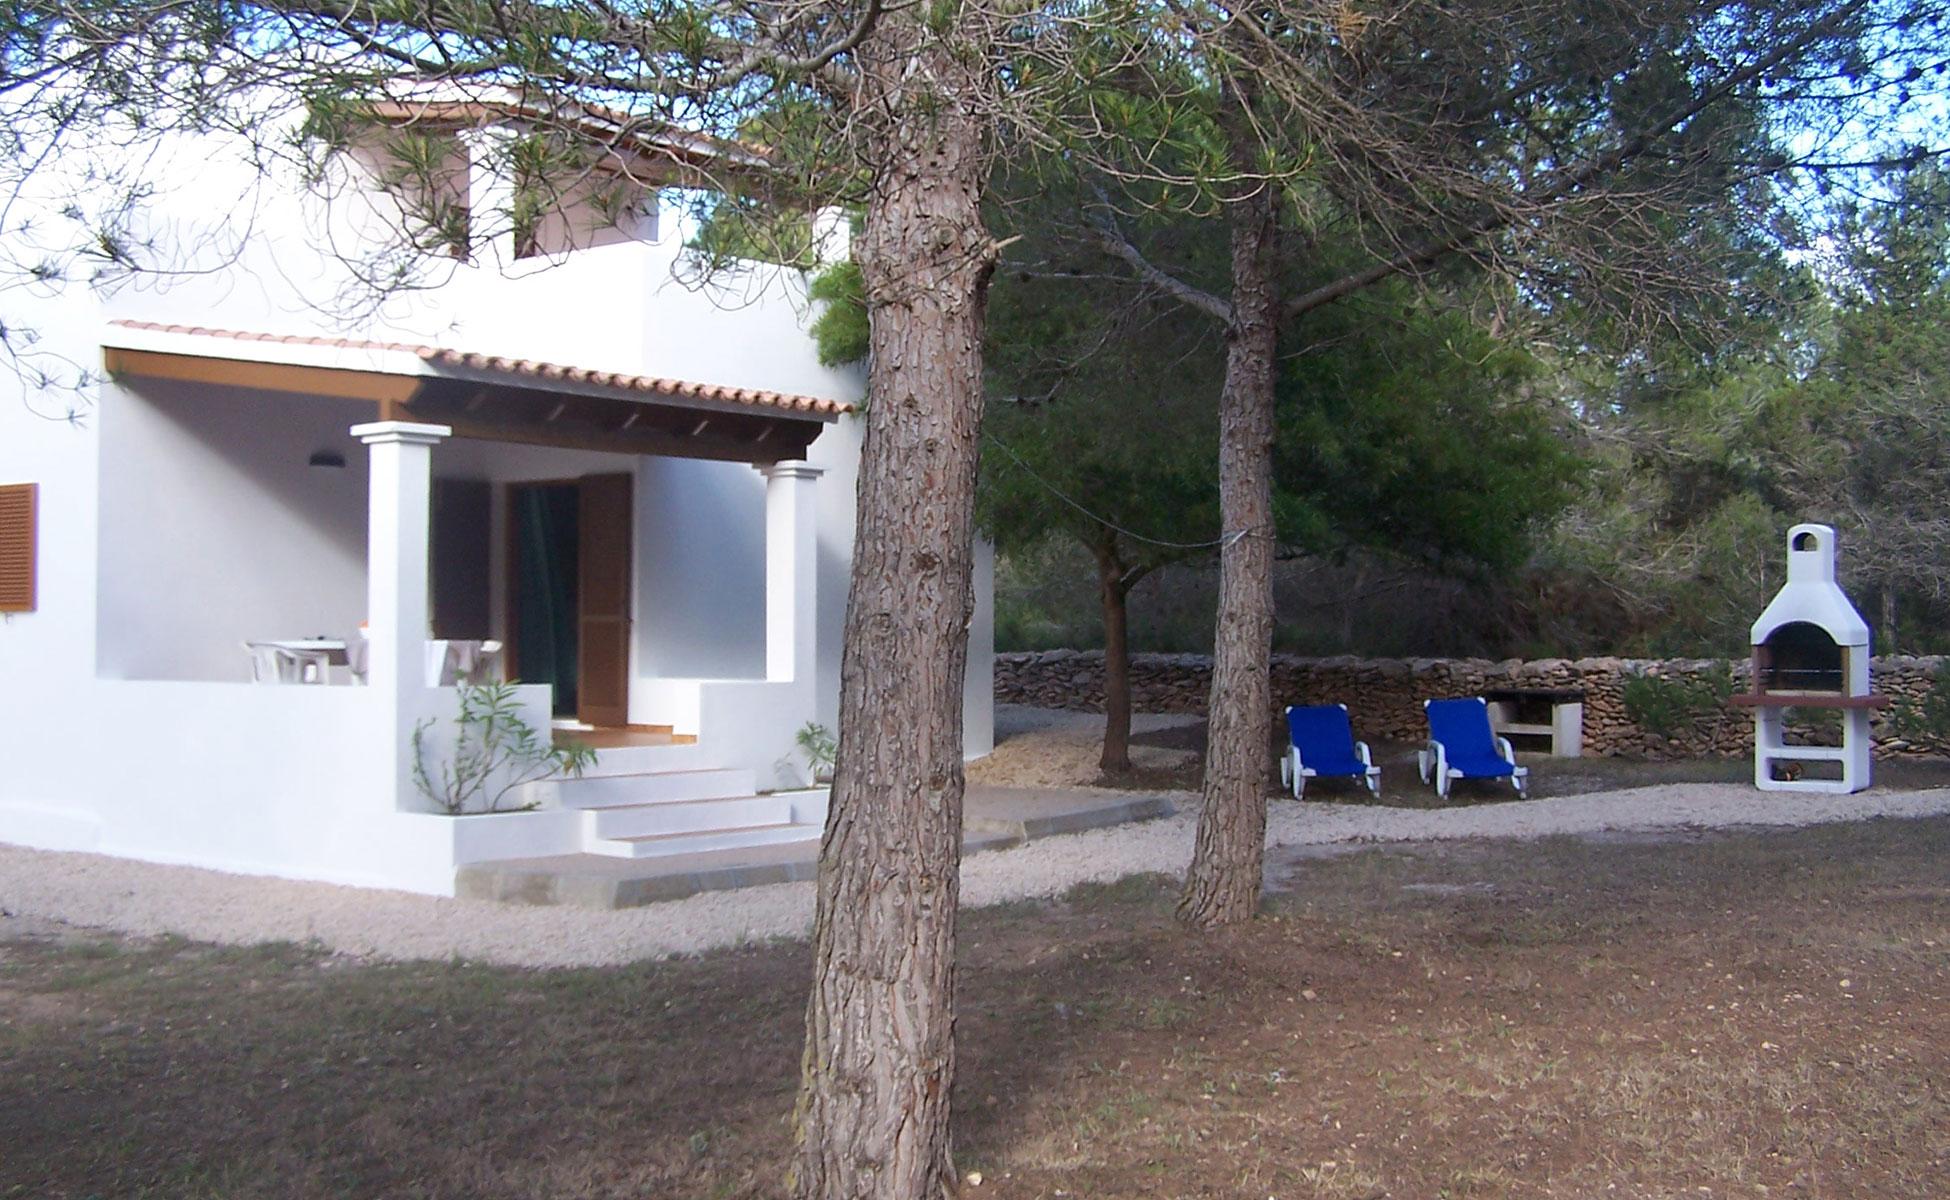 Alojamientos turísticos Cardona. Apartamento vacacional en Formentera próximo a Es Pujols